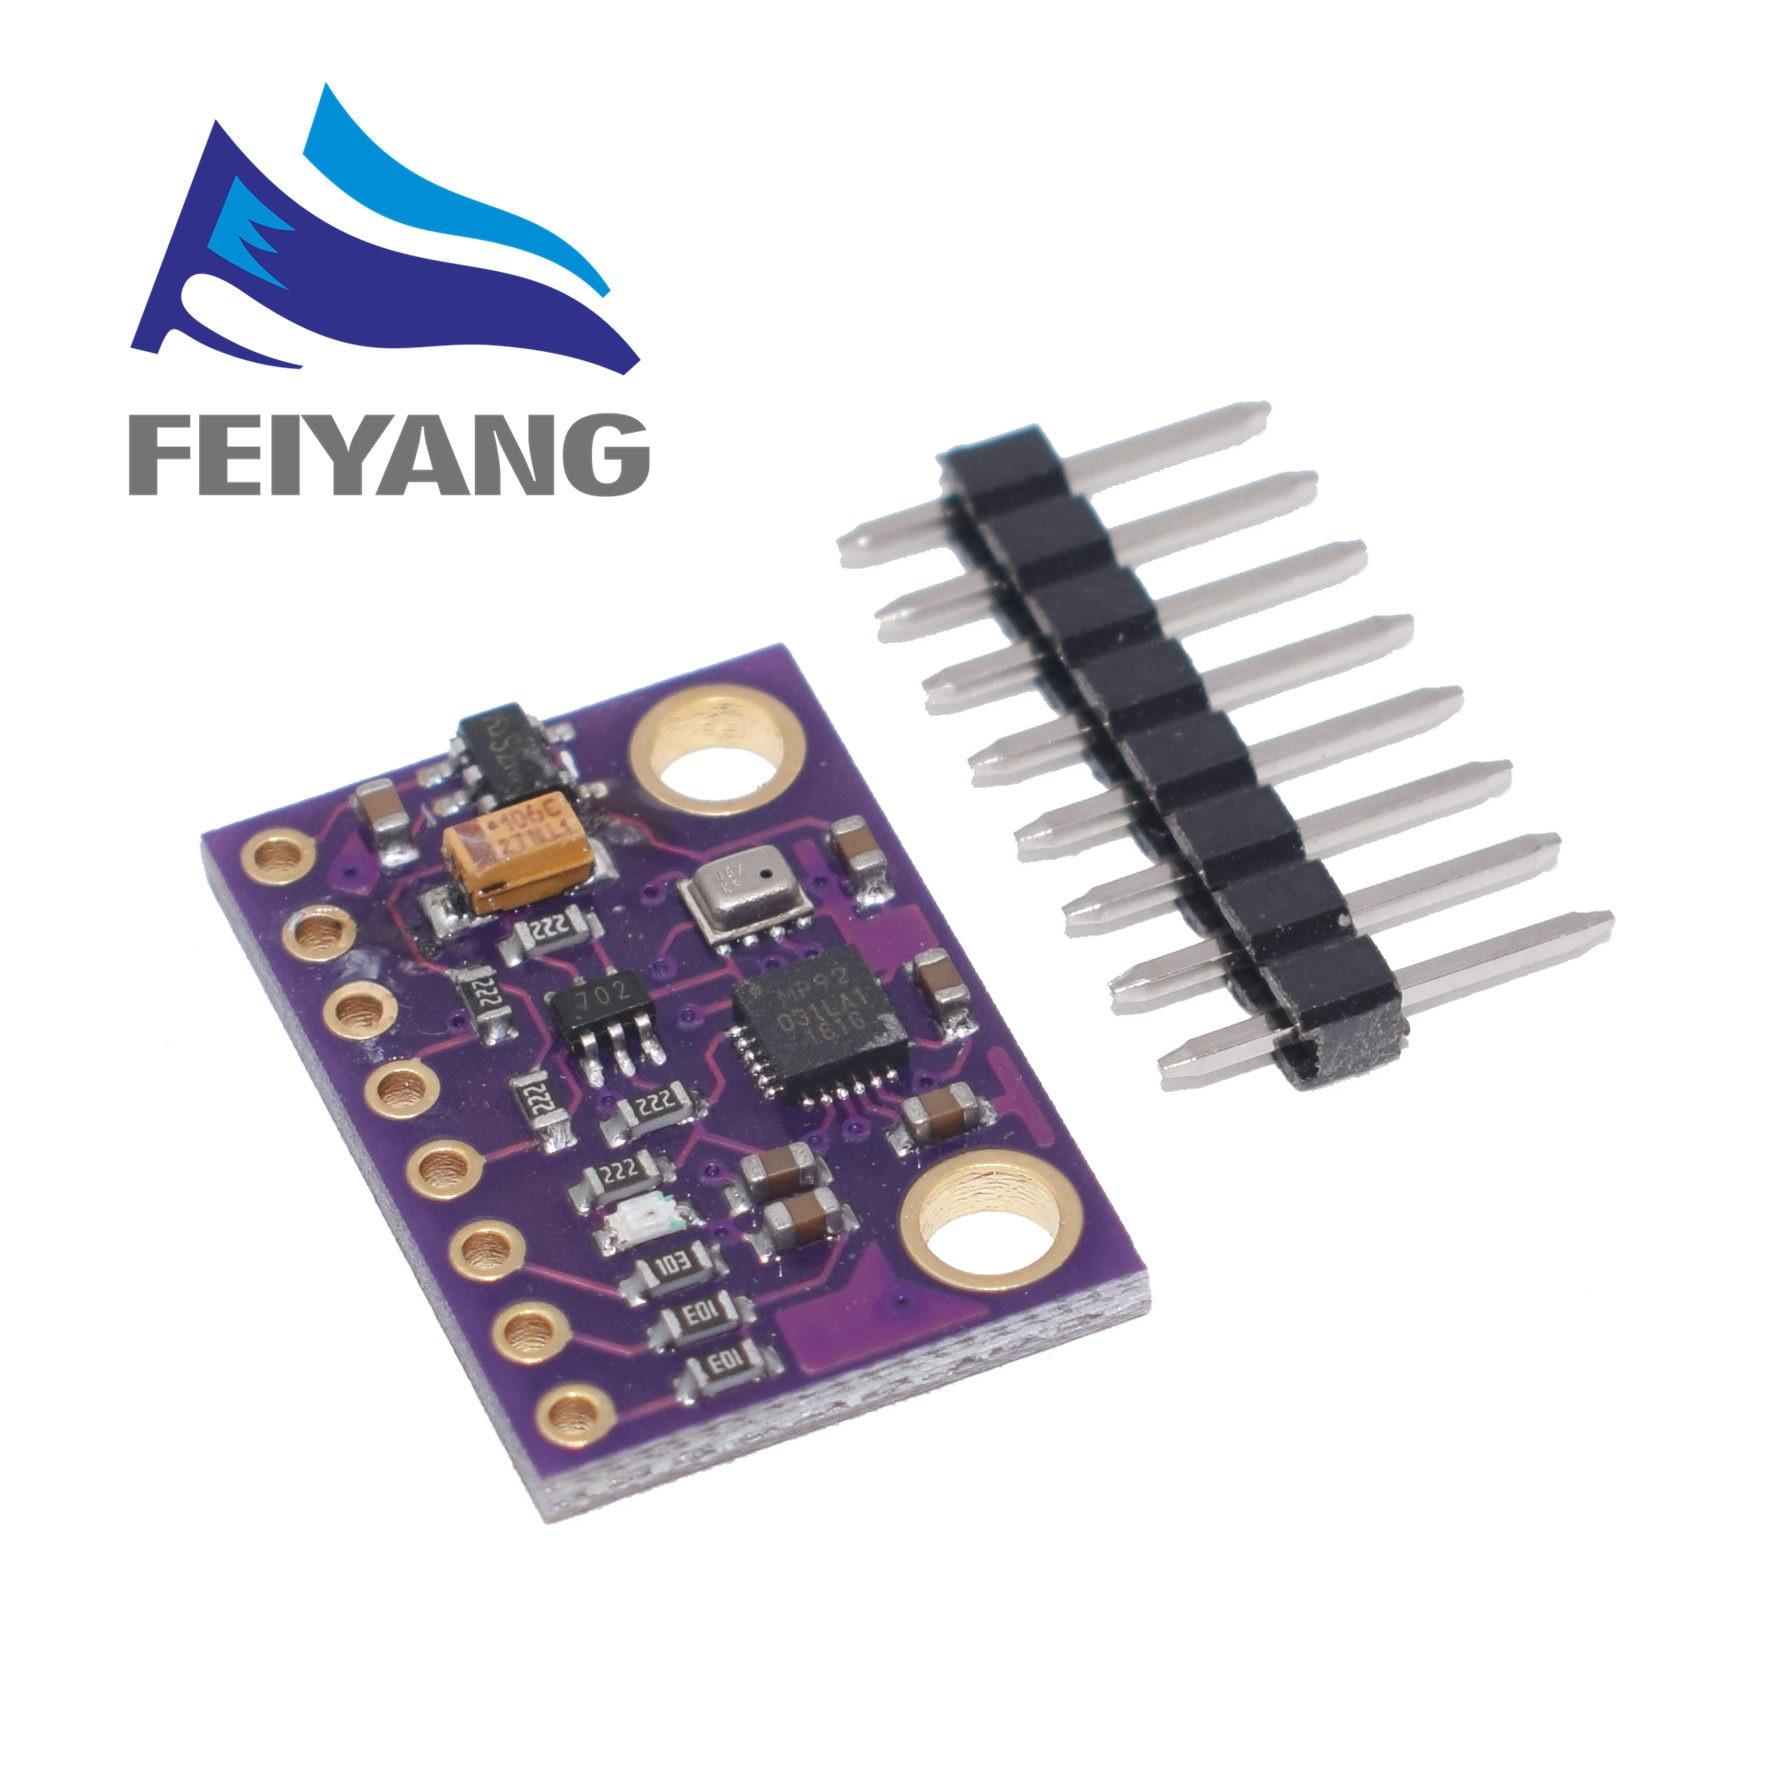 10 pièces MPU-9250 MPU9250 BMP280 SPI IIC/I2C 10DOF accélération Gyroscope boussole 9 axes capteur carte Module GY-91 pour Arduino 3-5 V